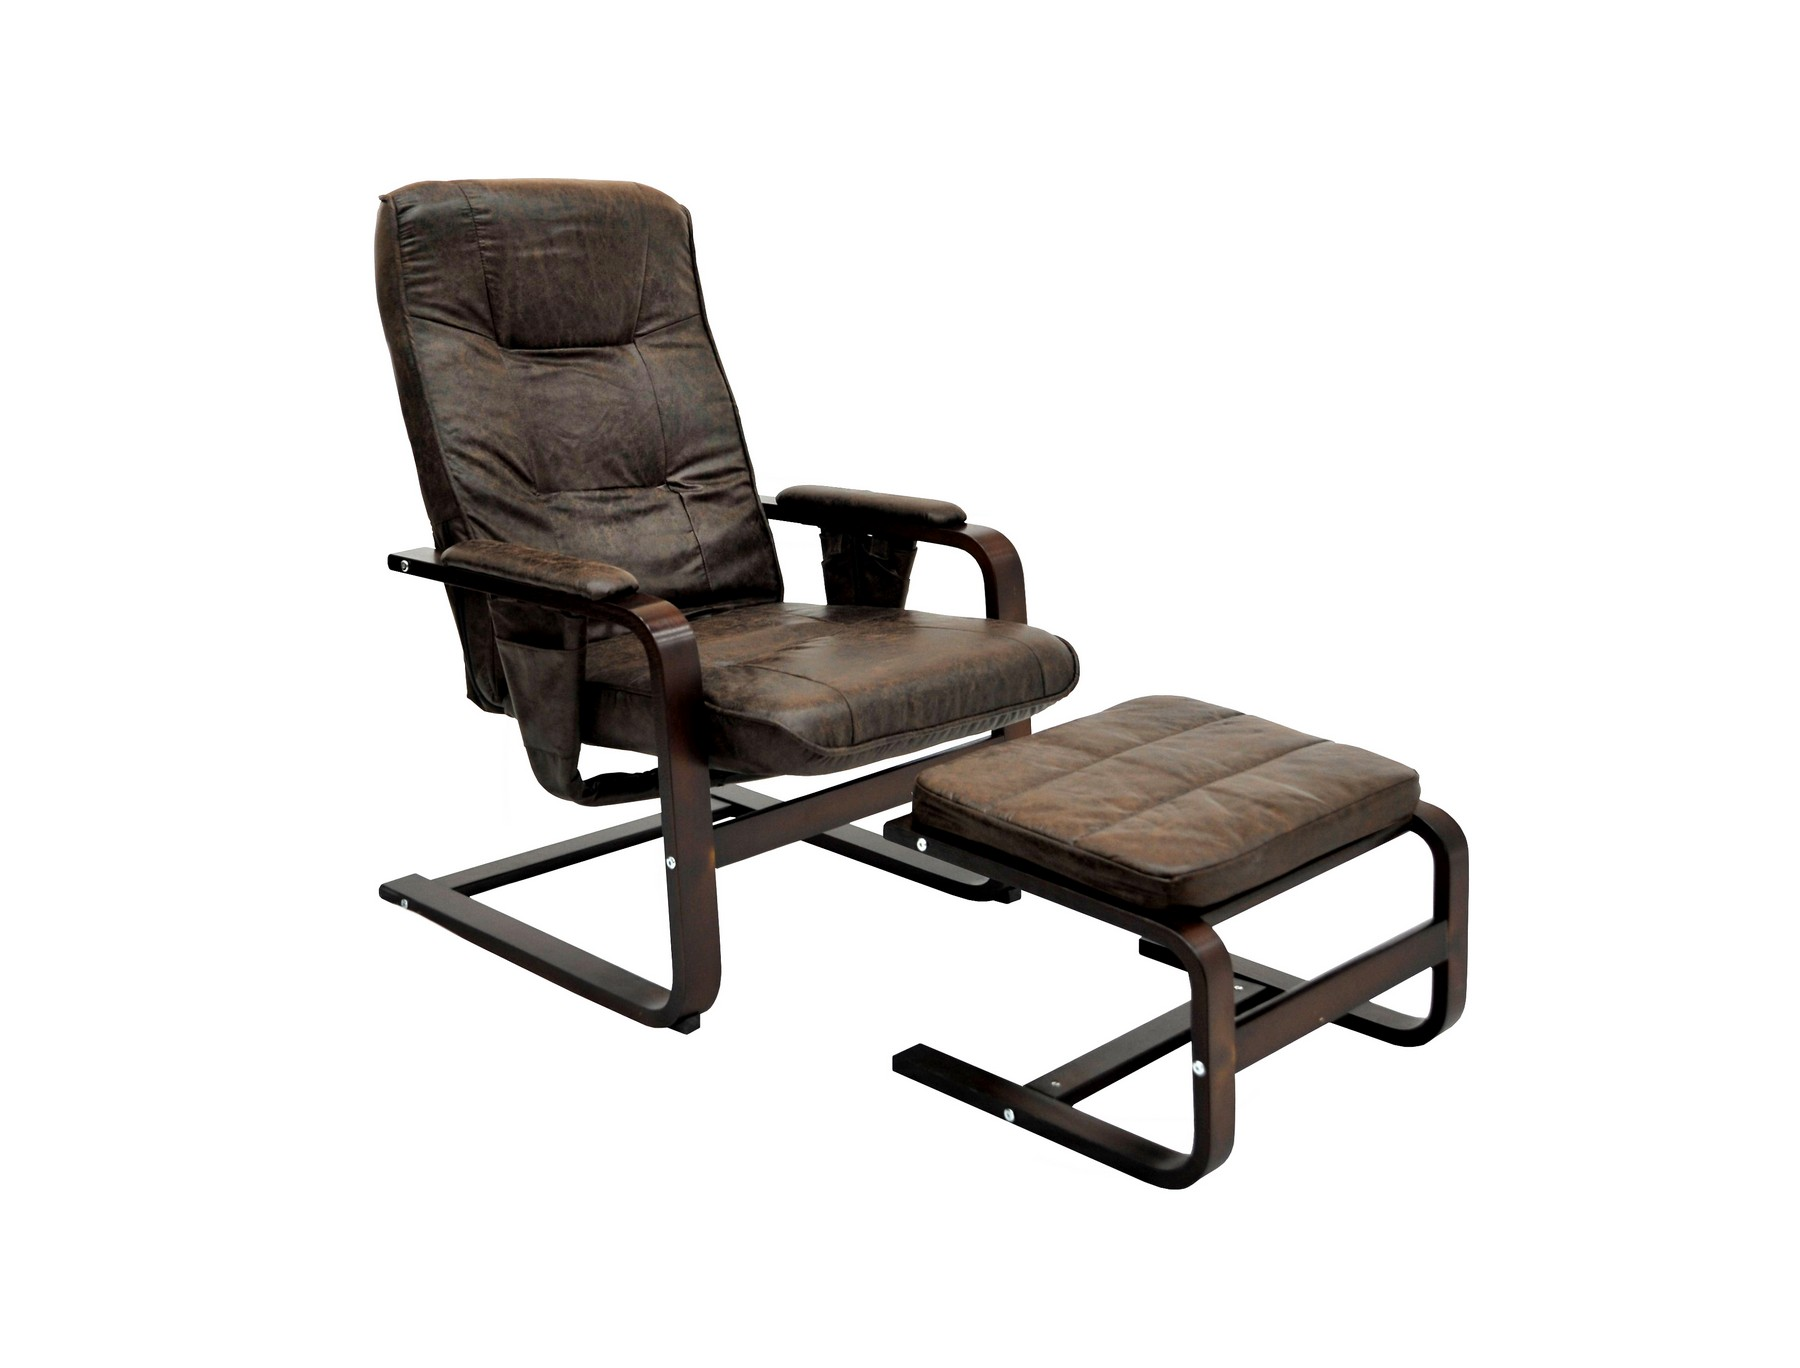 Кресло для отдыха с механизмом и пуфомКресла и стулья для дачного дома<br>&amp;lt;span style=&amp;quot;line-height: 24.9999px;&amp;quot;&amp;gt;Представляем вашему вниманию эксклюзивную модель коллекции GoodWood. Кресло снабжено мягкими подлокотниками, а также специальным пневмо-механизмом. Спинку кресла можно плавно откинуть, сиденье при этом выдвигается вперед и приобретает форму шезлонга. Необычная расцветка данной модели впишется в любой интерьер. Каркас кресла выполнен из древесины березы, в качестве наполнителя выступает поролон. В комплект также входит пуф.&amp;lt;/span&amp;gt;&amp;lt;div style=&amp;quot;line-height: 24.9999px;&amp;quot;&amp;gt;&amp;lt;br&amp;gt;&amp;lt;/div&amp;gt;&amp;lt;div style=&amp;quot;line-height: 24.9999px;&amp;quot;&amp;gt;Выдерживаемая нагрузка 100 кг&amp;lt;/div&amp;gt;&amp;lt;div style=&amp;quot;line-height: 24.9999px;&amp;quot;&amp;gt;Глубина варьируется от 89 до 97 см, высота от 79 до 105 см&amp;amp;nbsp;&amp;lt;/div&amp;gt;&amp;lt;div style=&amp;quot;line-height: 24.9999px;&amp;quot;&amp;gt;Ширина сидения, cм: 62&amp;lt;/div&amp;gt;&amp;lt;div style=&amp;quot;line-height: 24.9999px;&amp;quot;&amp;gt;Глубина сидения, cм: 50&amp;lt;/div&amp;gt;&amp;lt;div style=&amp;quot;line-height: 24.9999px;&amp;quot;&amp;gt;Высота сидения, cм: 40&amp;lt;/div&amp;gt;&amp;lt;div style=&amp;quot;line-height: 24.9999px;&amp;quot;&amp;gt;Вес, кг: 11,4&amp;lt;/div&amp;gt;<br><br>Material: Кожа<br>Width см: 64<br>Depth см: 97<br>Height см: 105